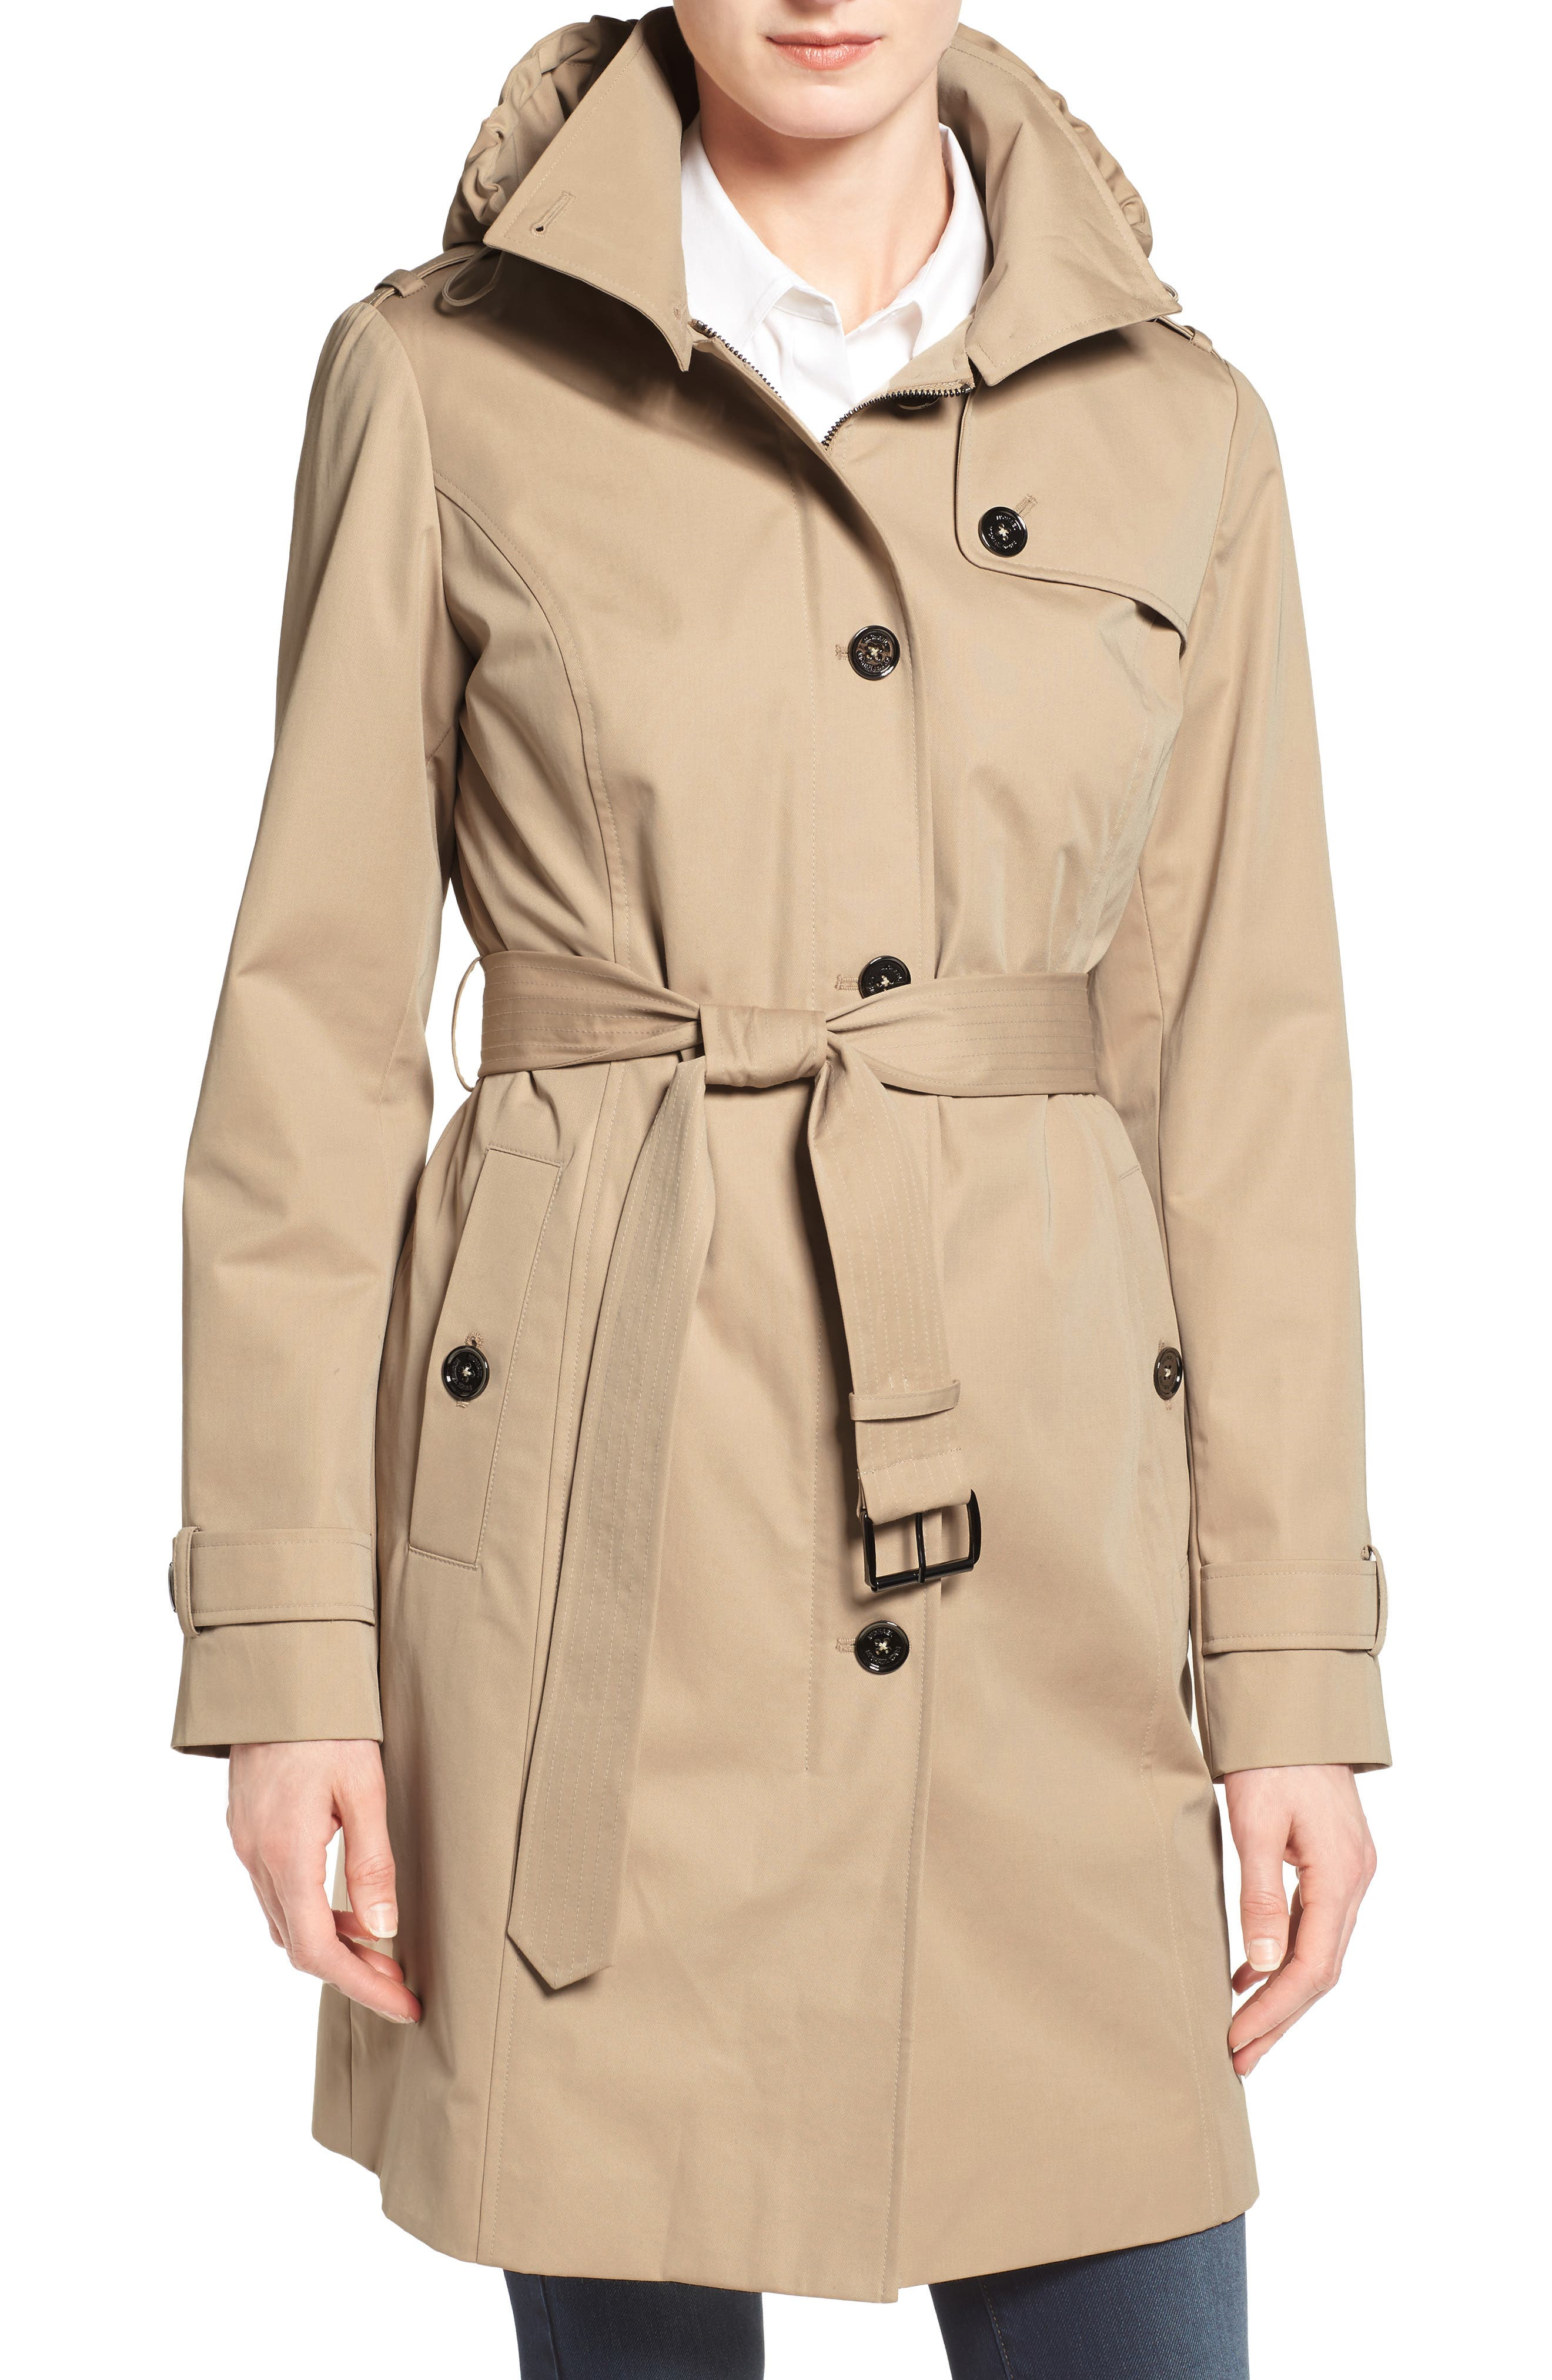 Alternate Image 1 Selected - MICHAEL Michael Kors Hooded Trench Coat (Regular & Petite)